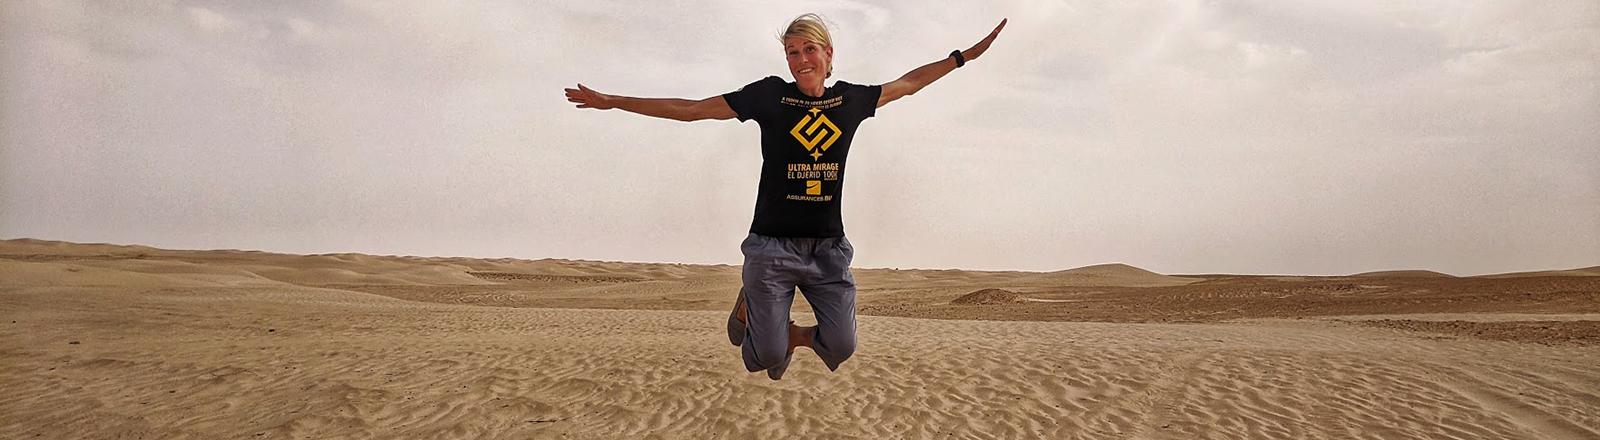 Die Ultraläuferin Judith Havers macht einen Luftsprung mitten in der Wüste: Sie ist Siegerin des Ultra Mirage El Djerid 2020.